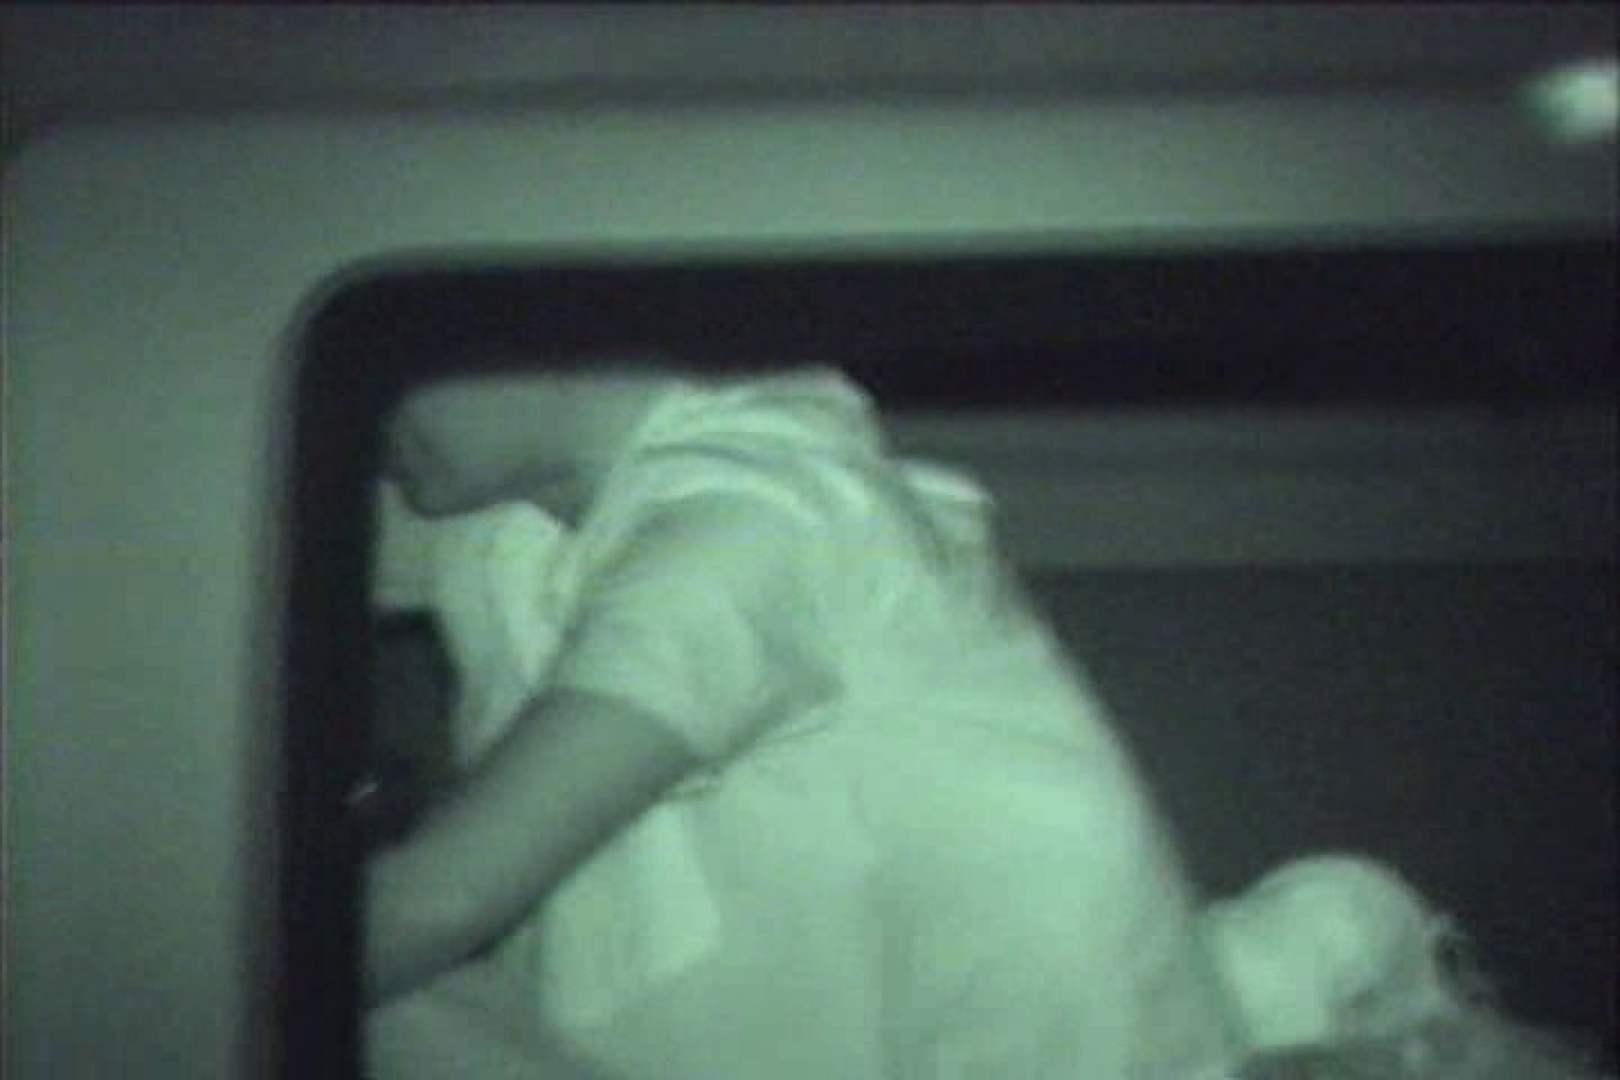 車の中はラブホテル 無修正版  Vol.17 マンコ映像 おめこ無修正動画無料 104連発 51